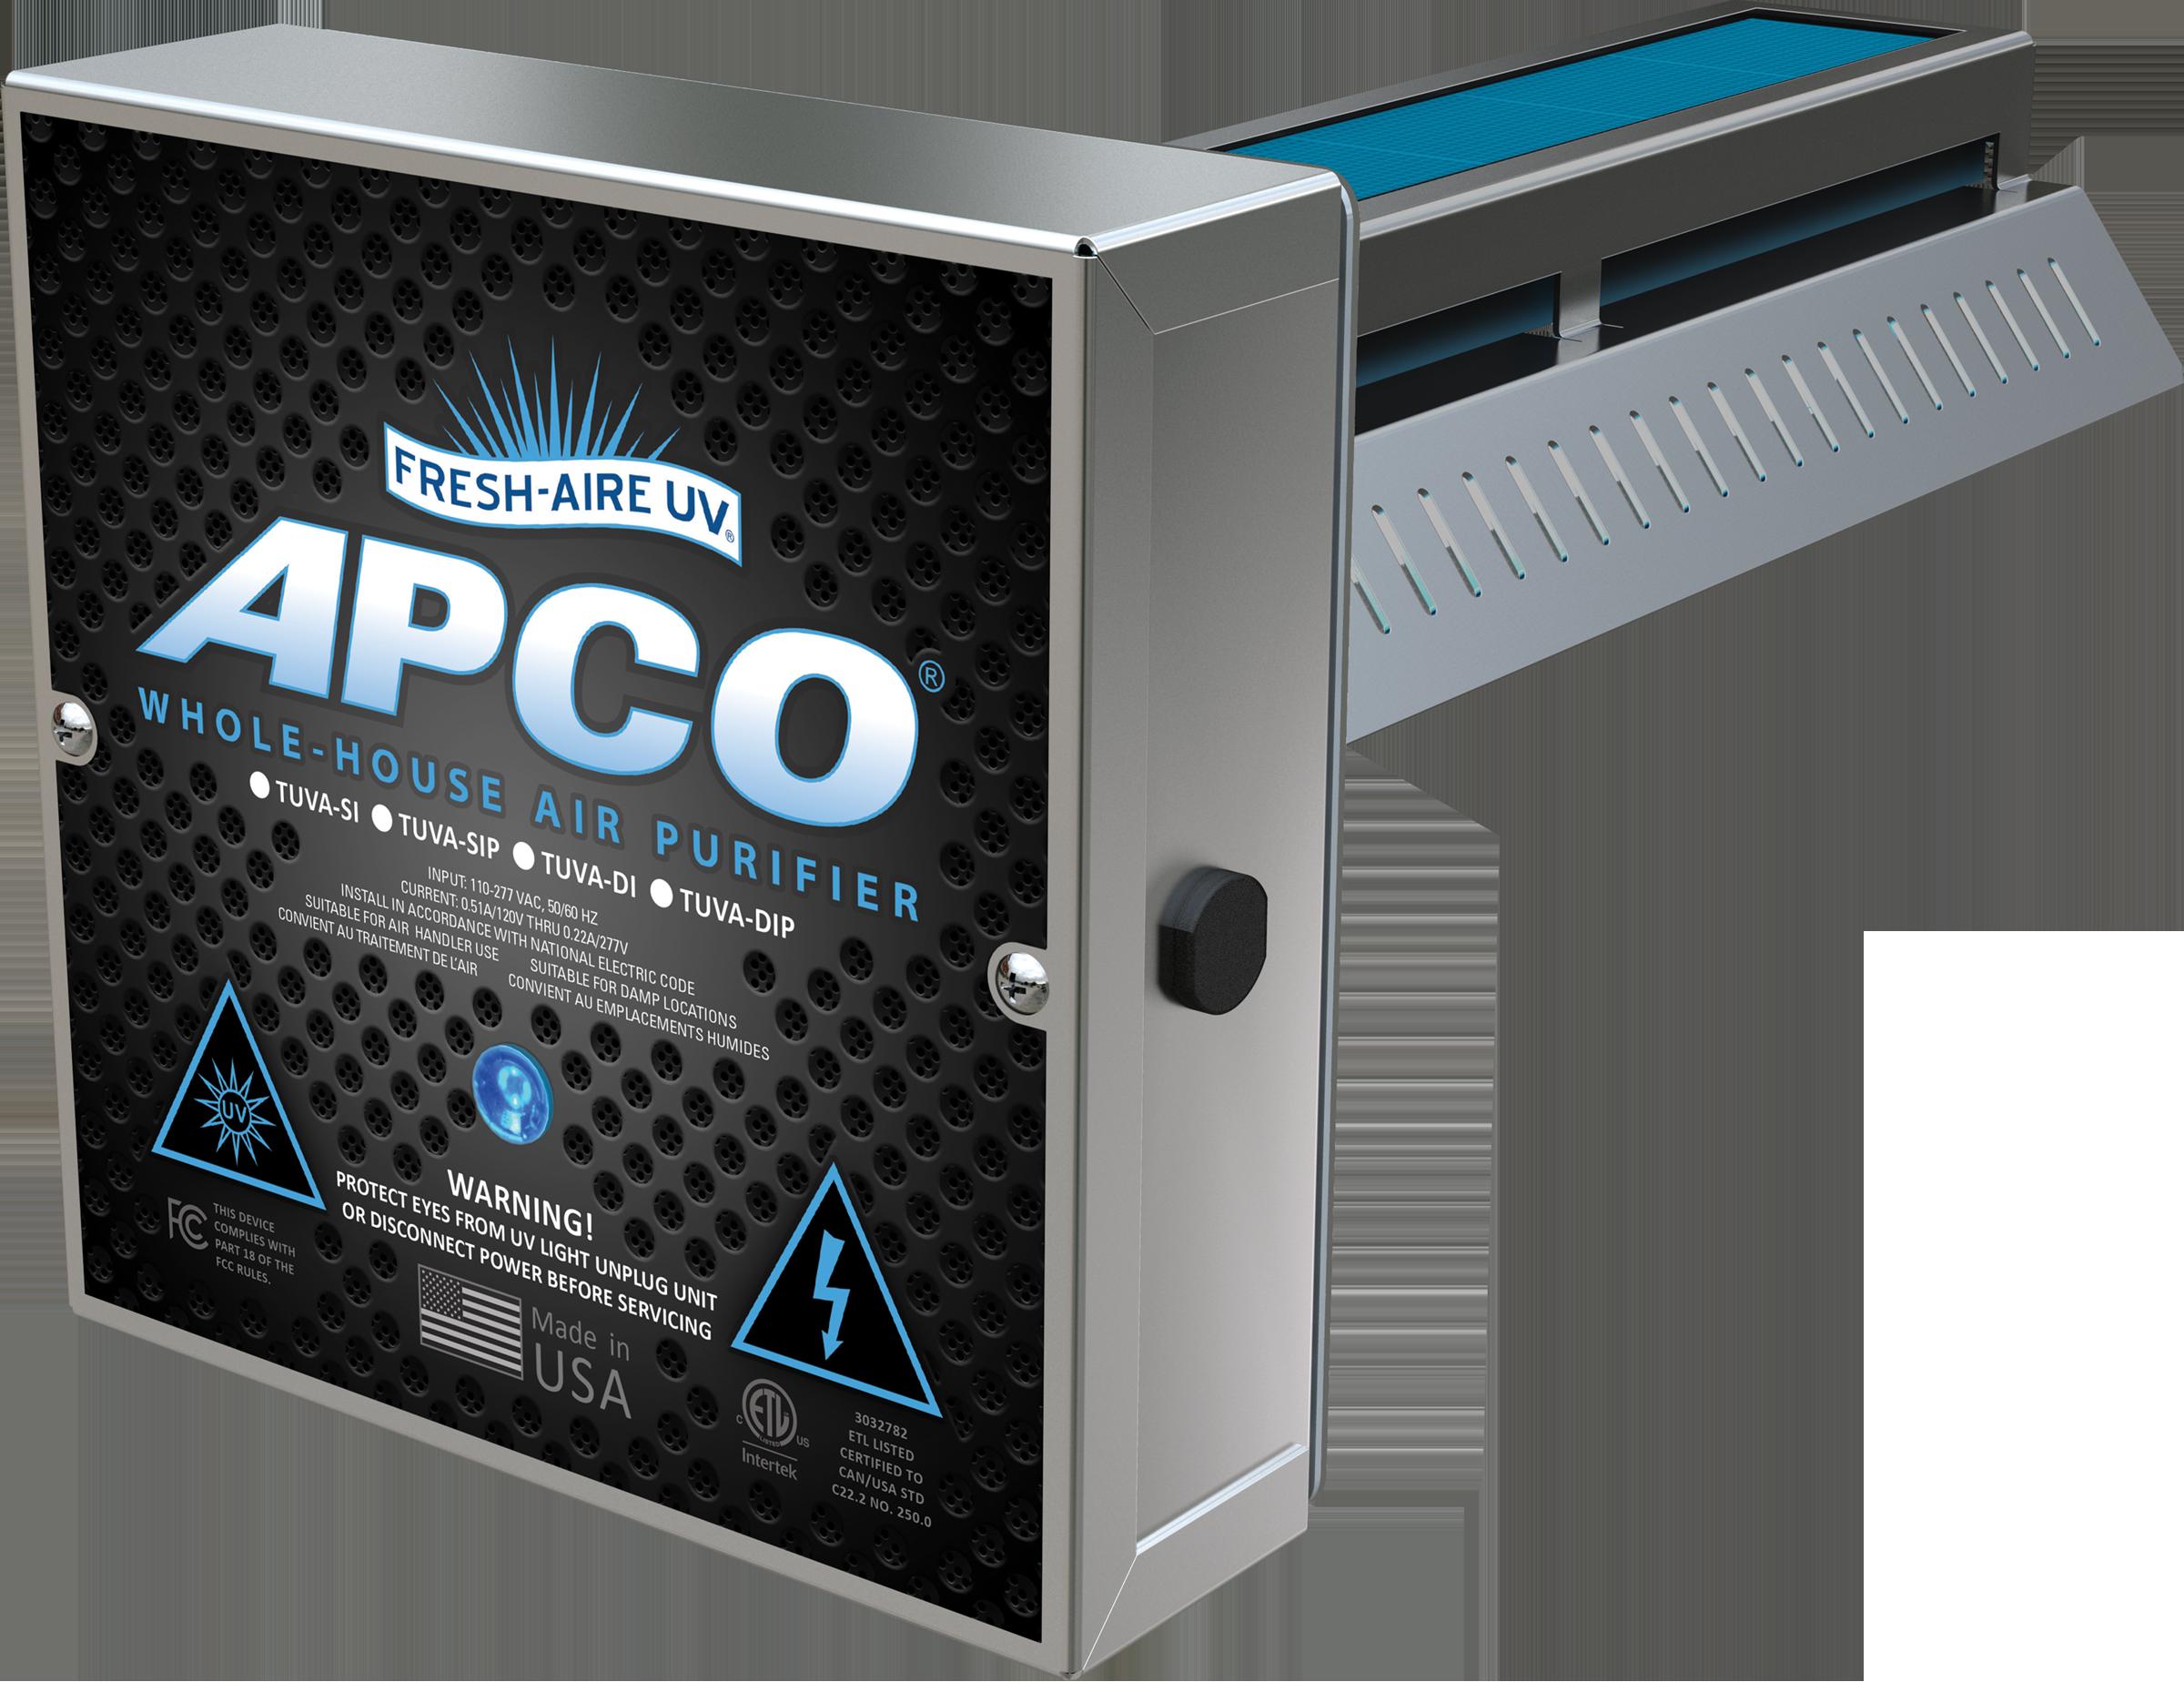 Apco Assets